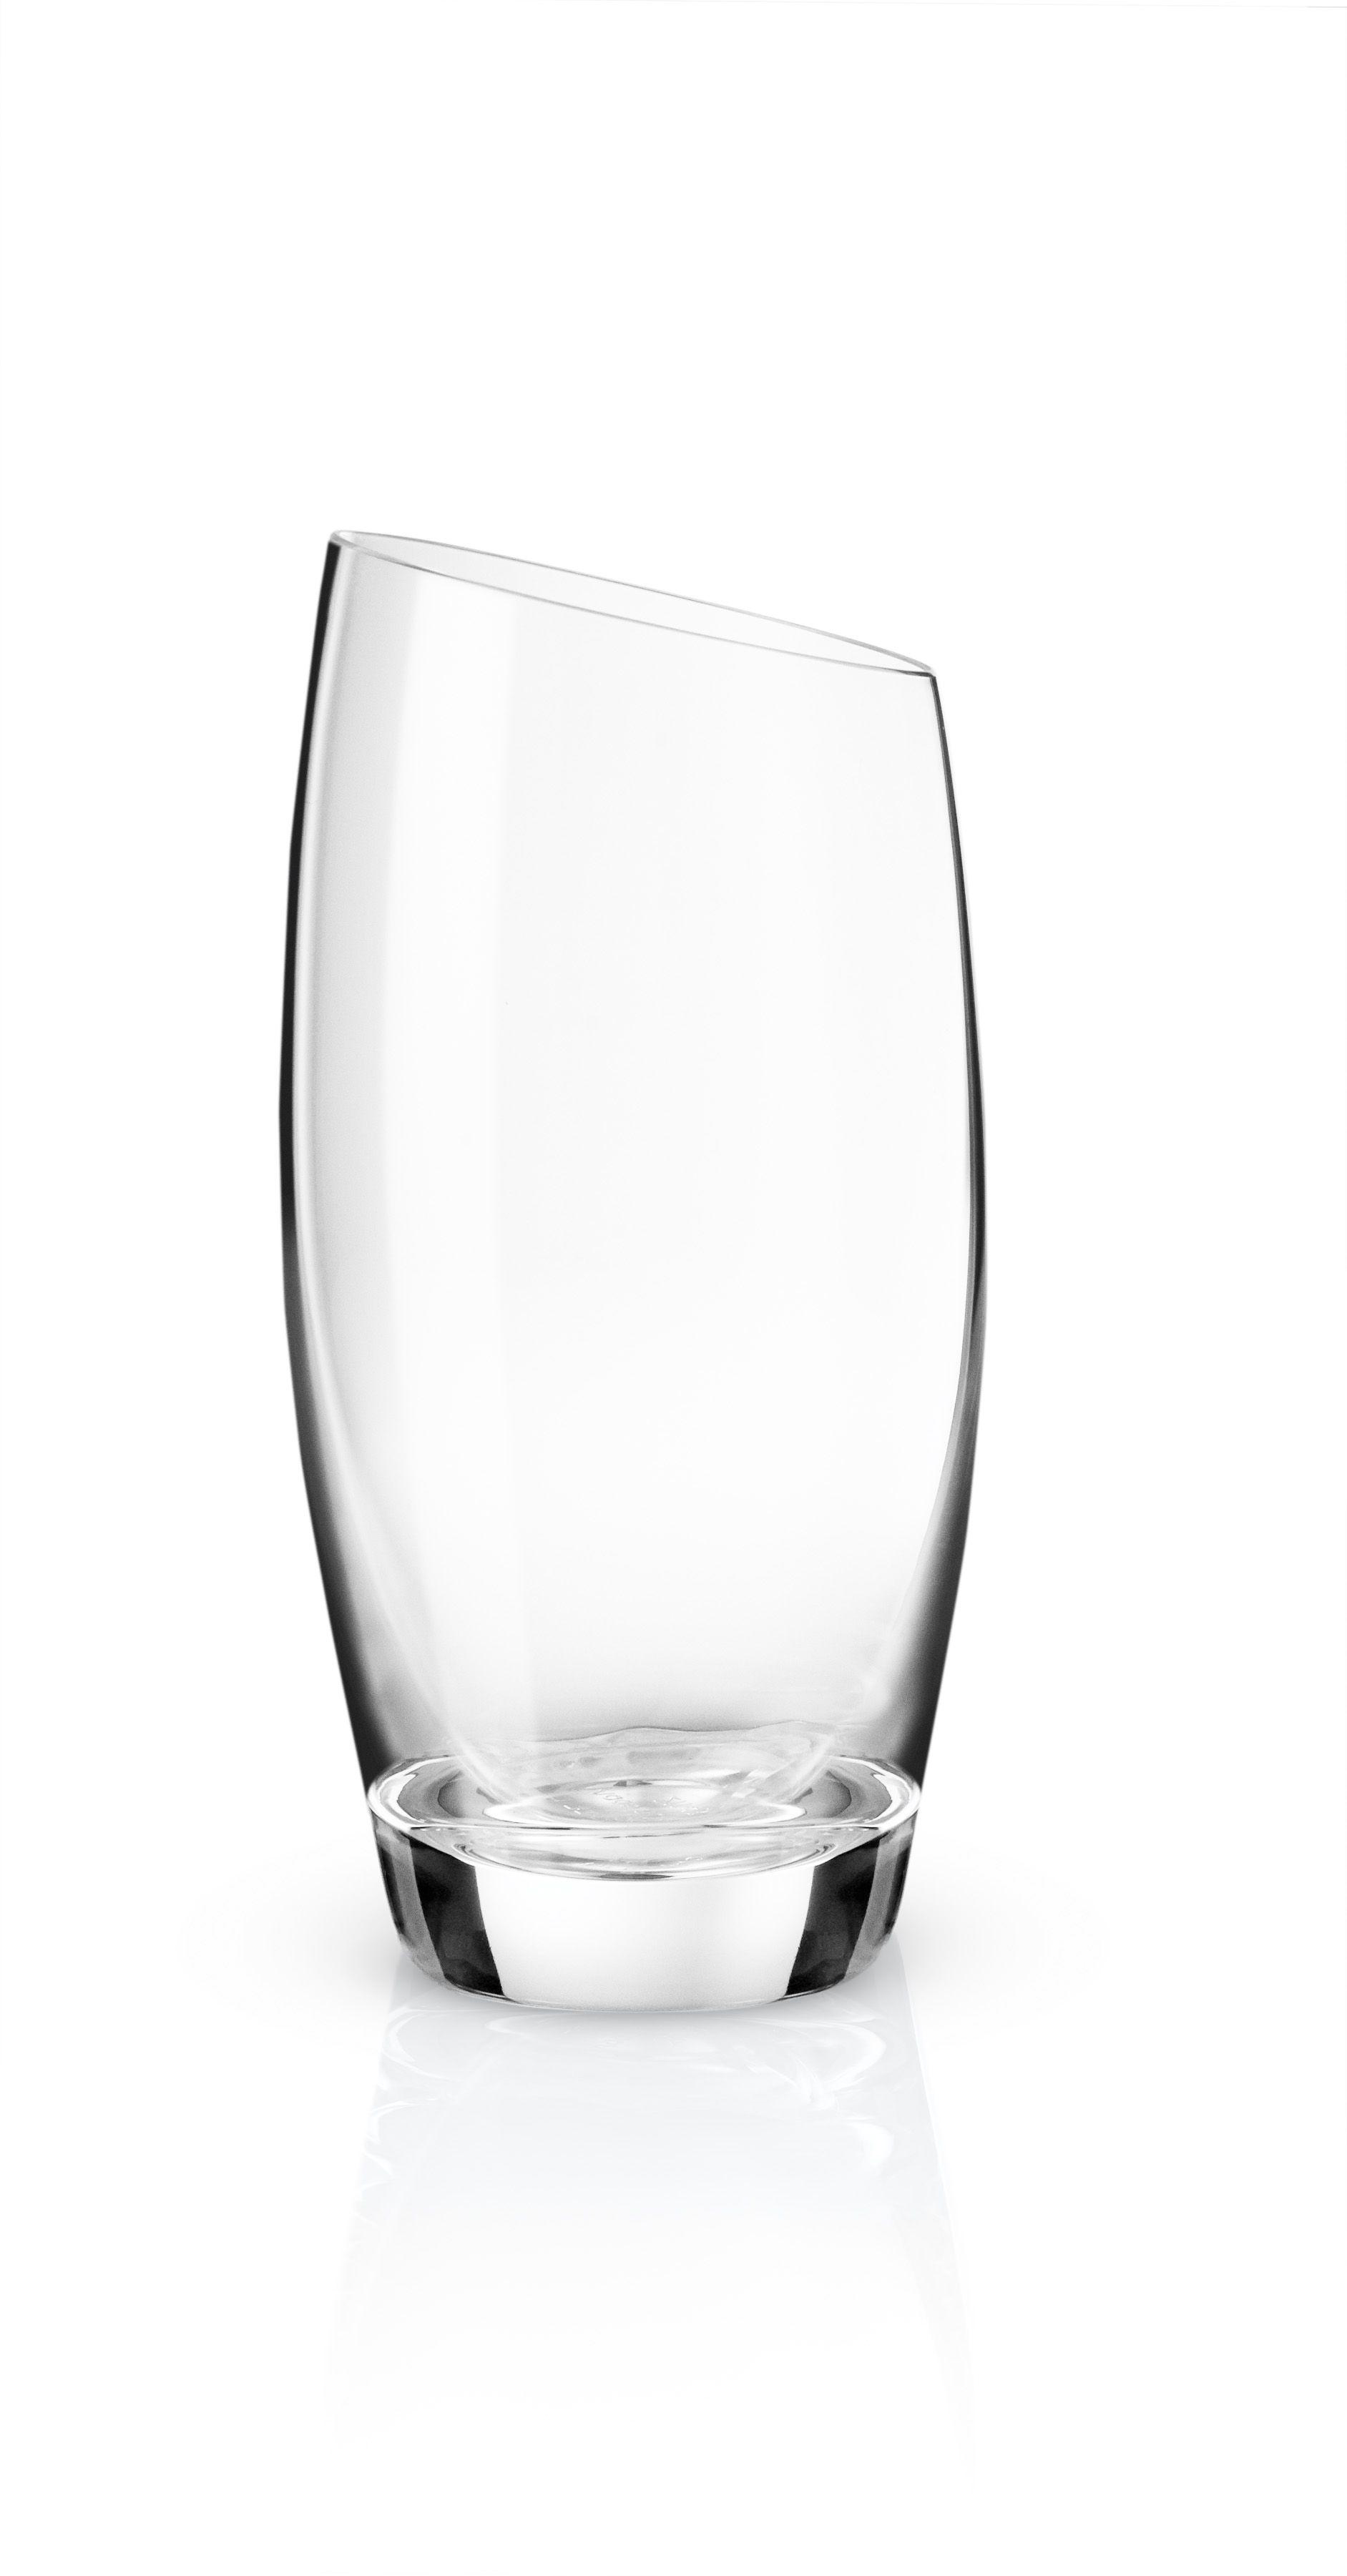 eva_solo_waterglas_21cl.jpg